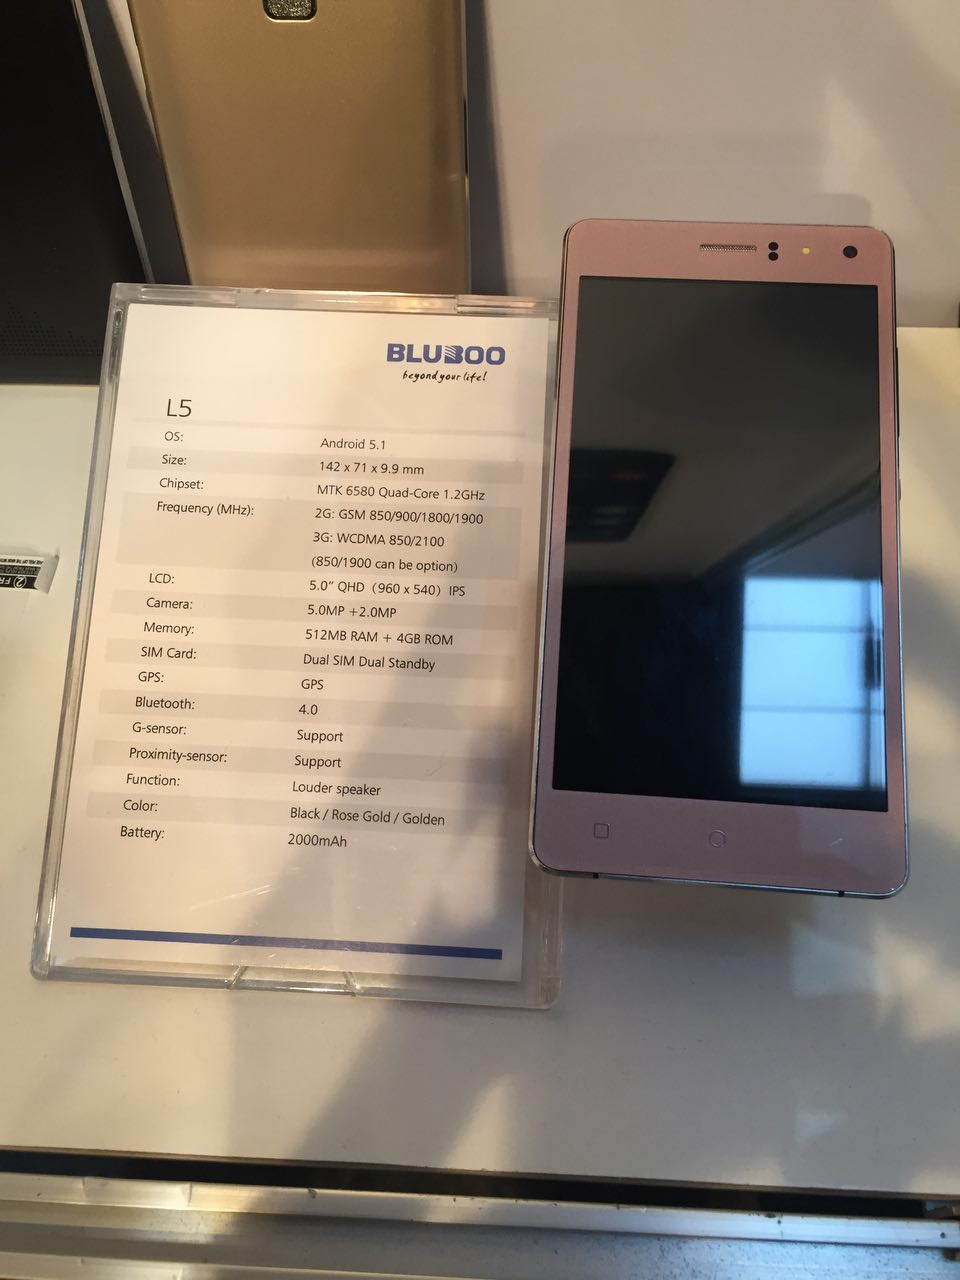 Bluboo XFire 2